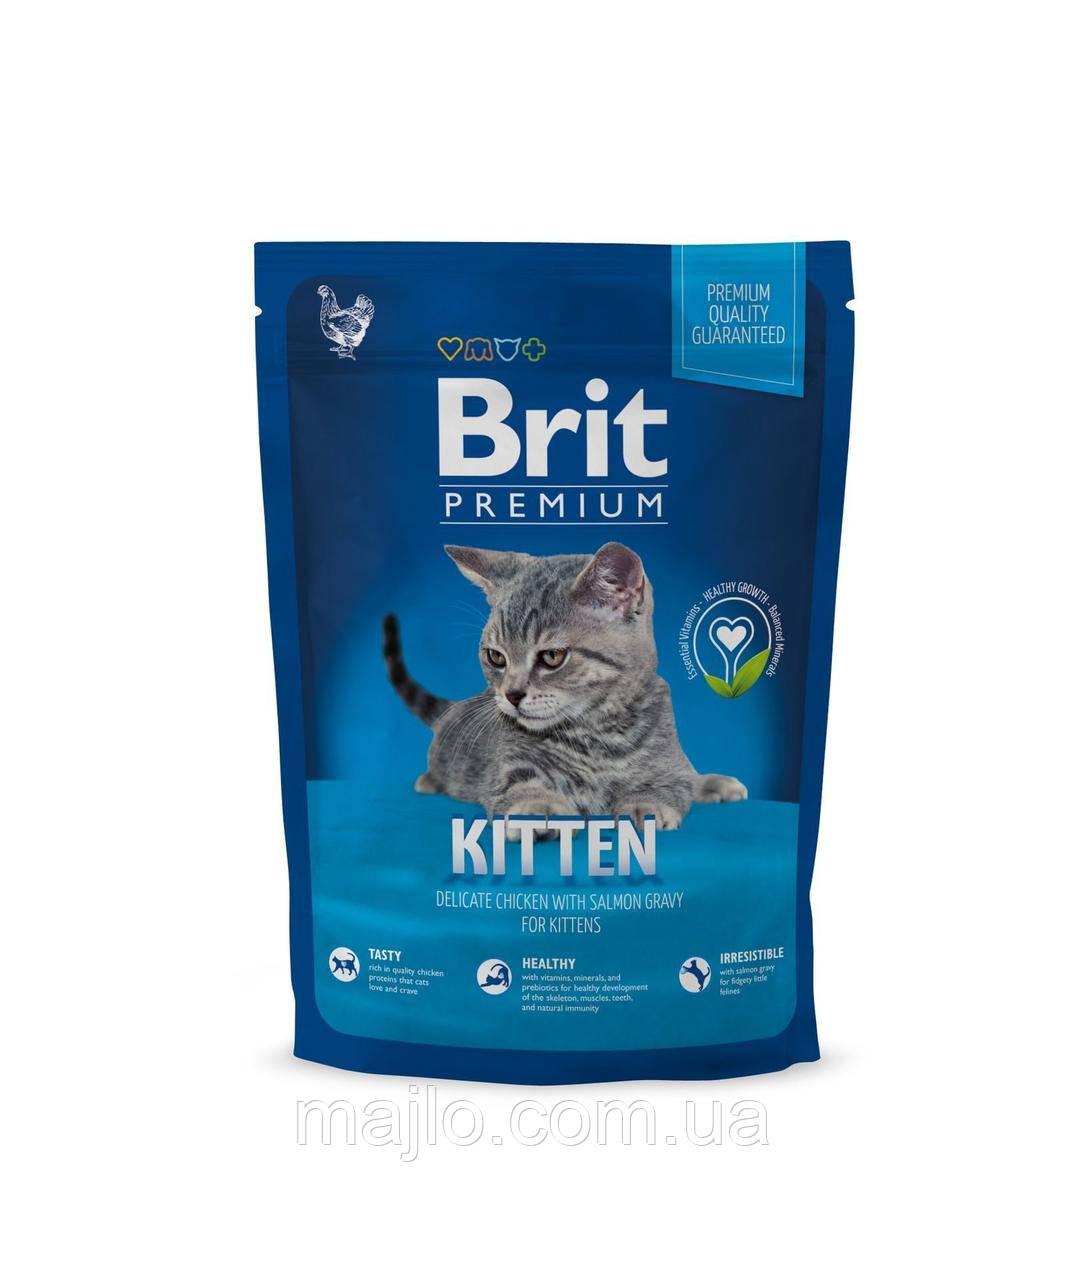 Сухой корм Brit Premium Kitten Брит Премиум для котят с курицей в лососевом соусе, 800 г, 170352